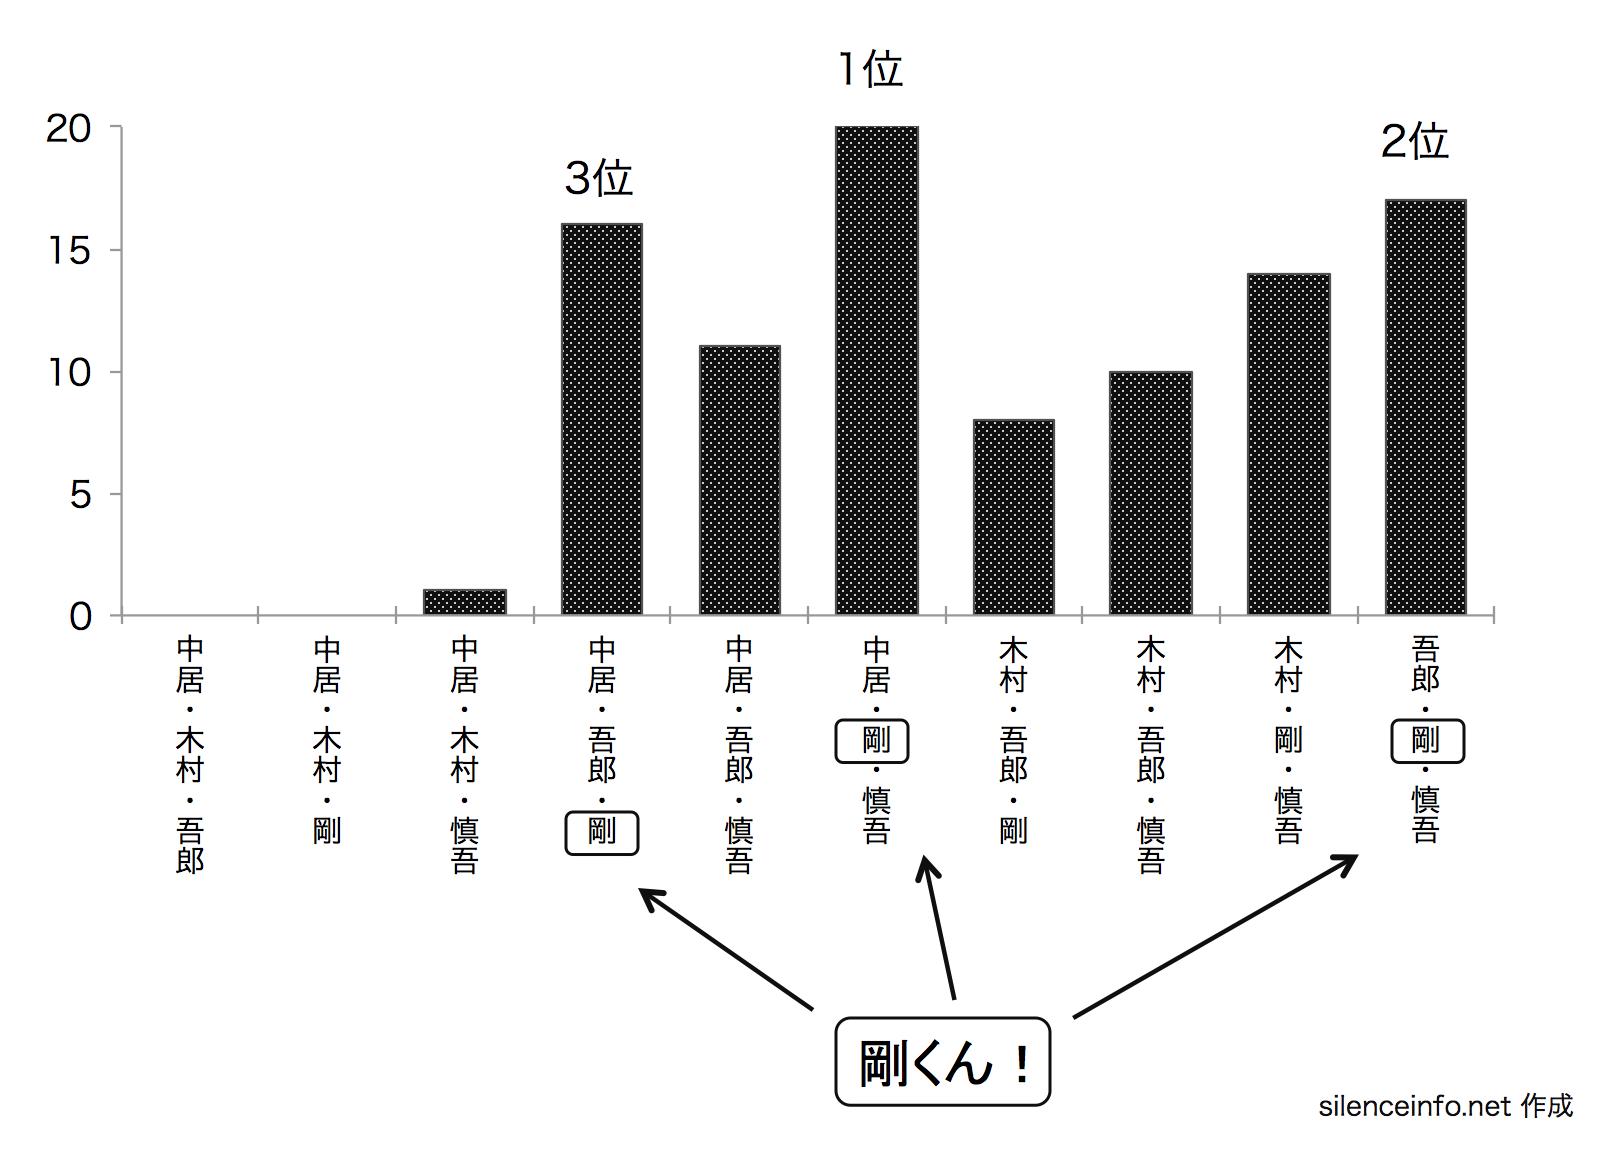 SMAPのスマスマコント メンバー3人参加のコント数を紫衣mした棒グラフ